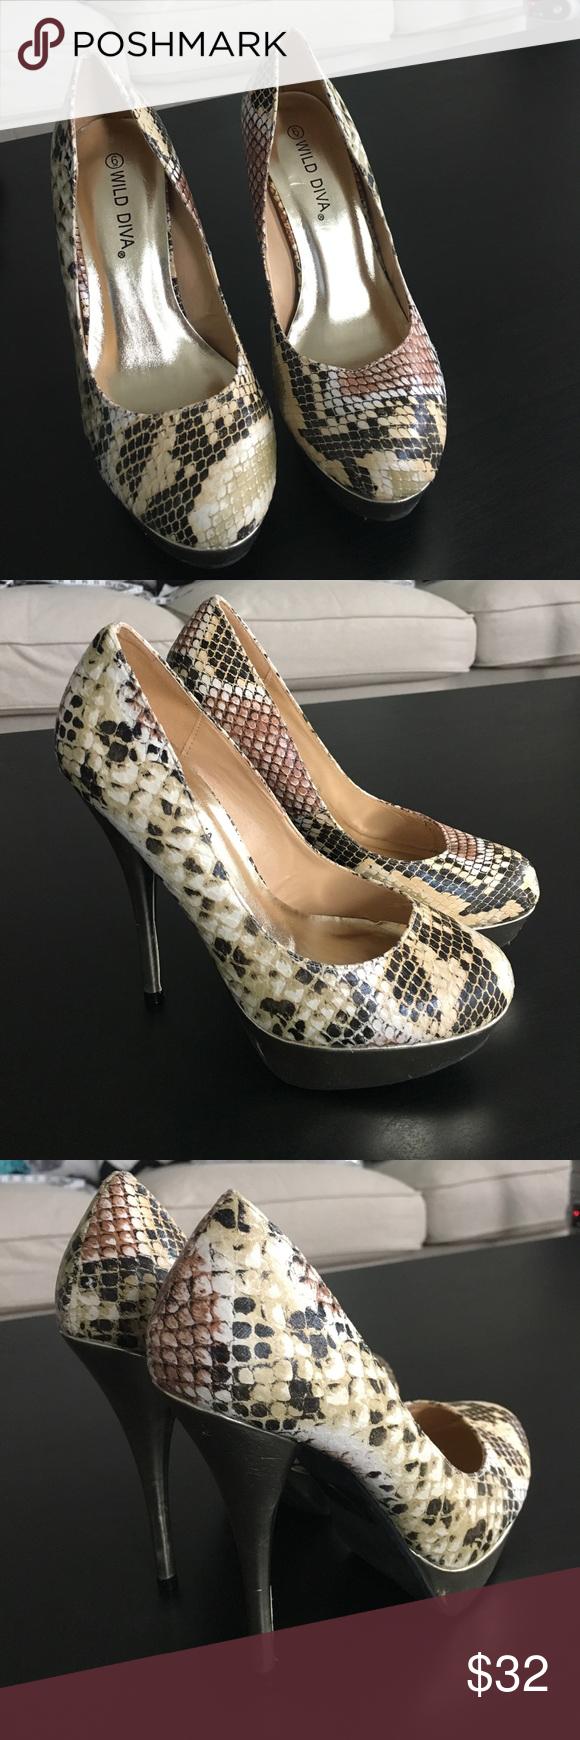 Wild diva heels 6 New Wild Diva Shoes Platforms